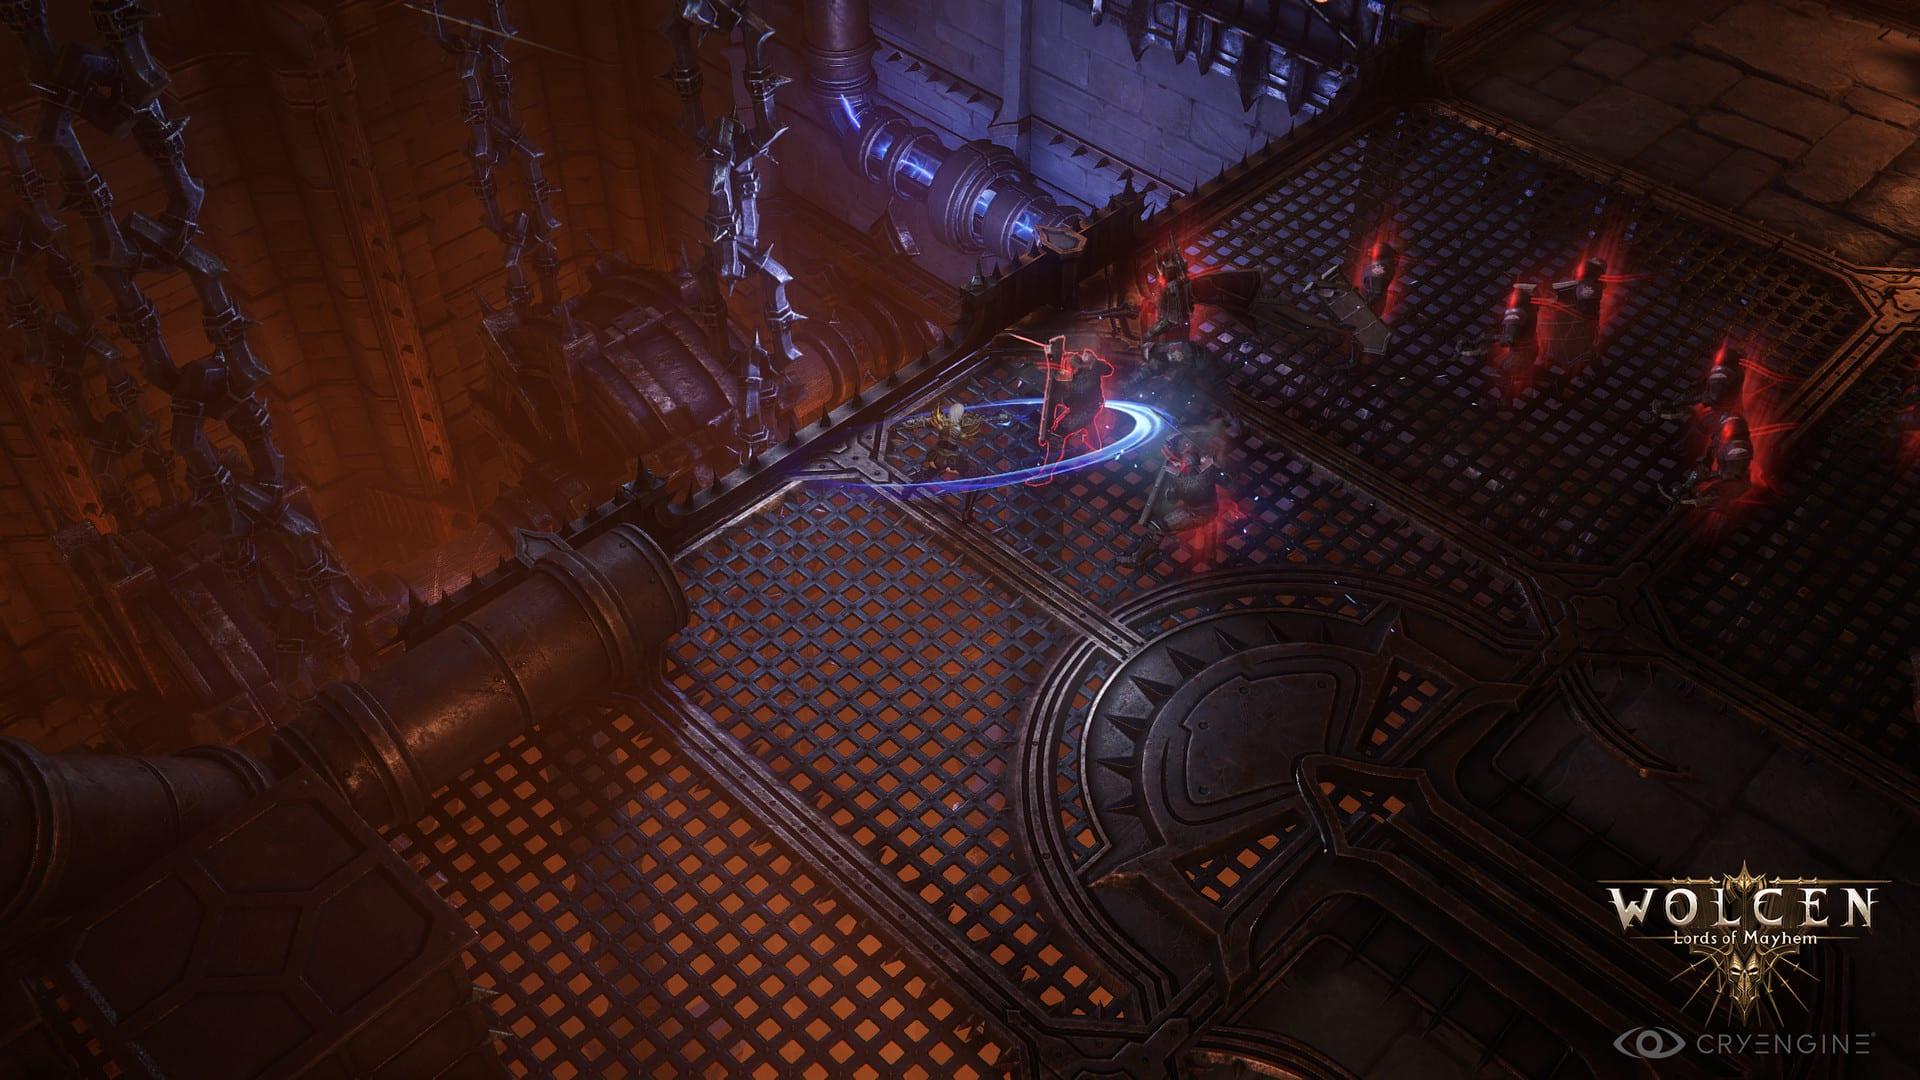 خرید استیم گیفت Wolcen: Lords of Mayhem اسکرین شات 4